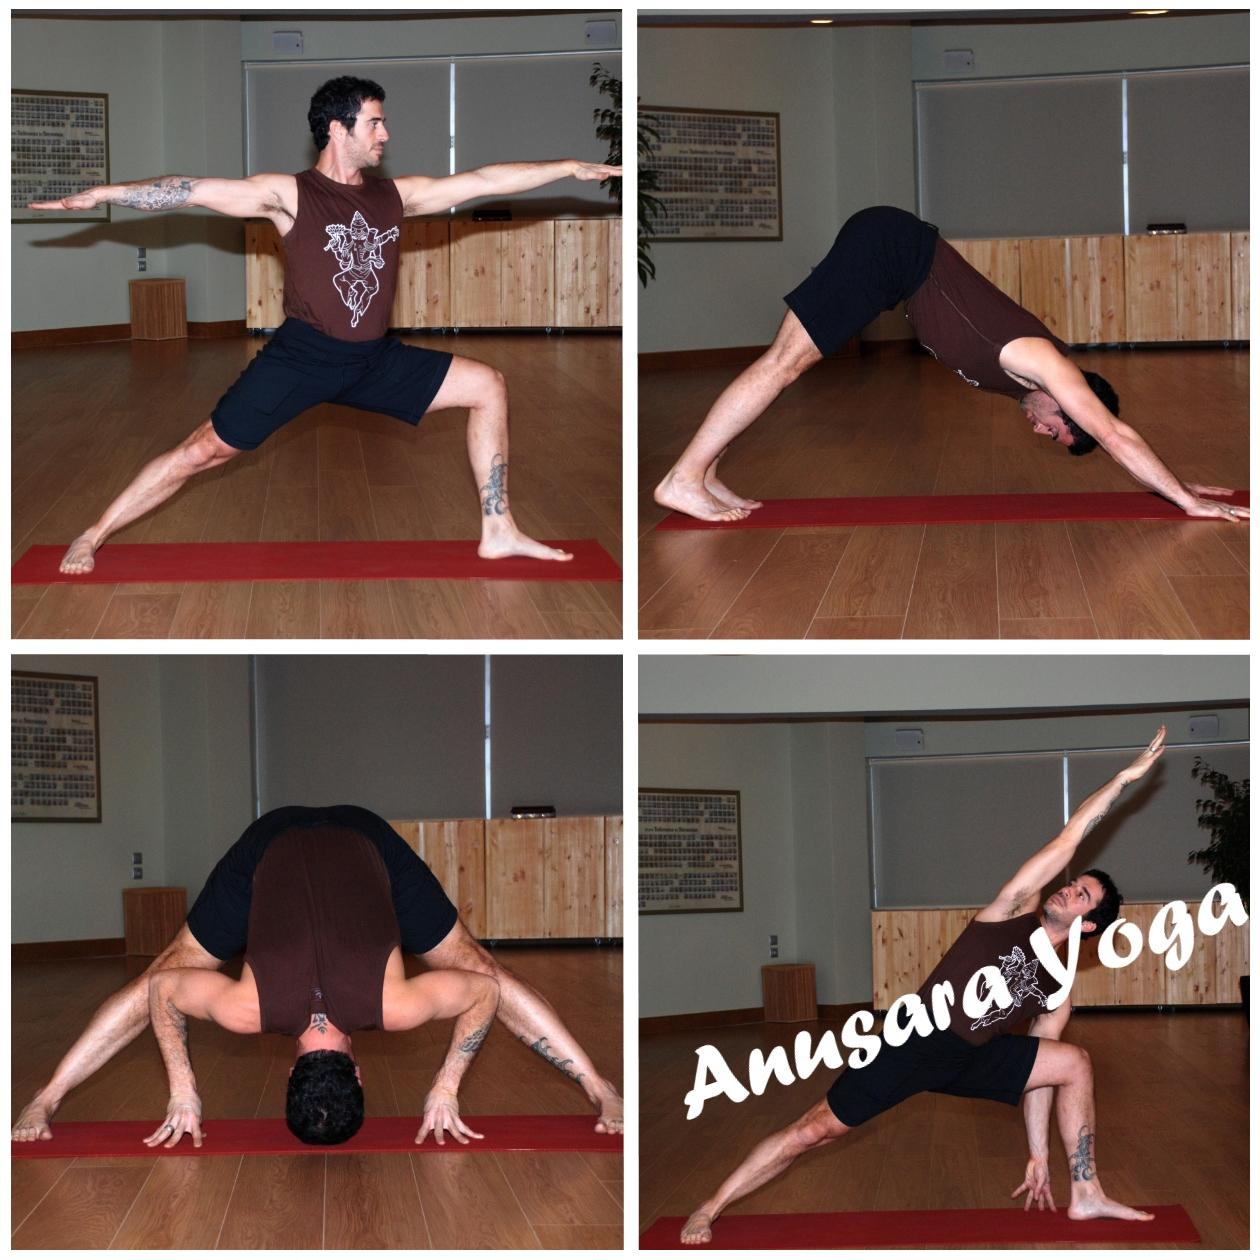 3 | Anusara Yoga